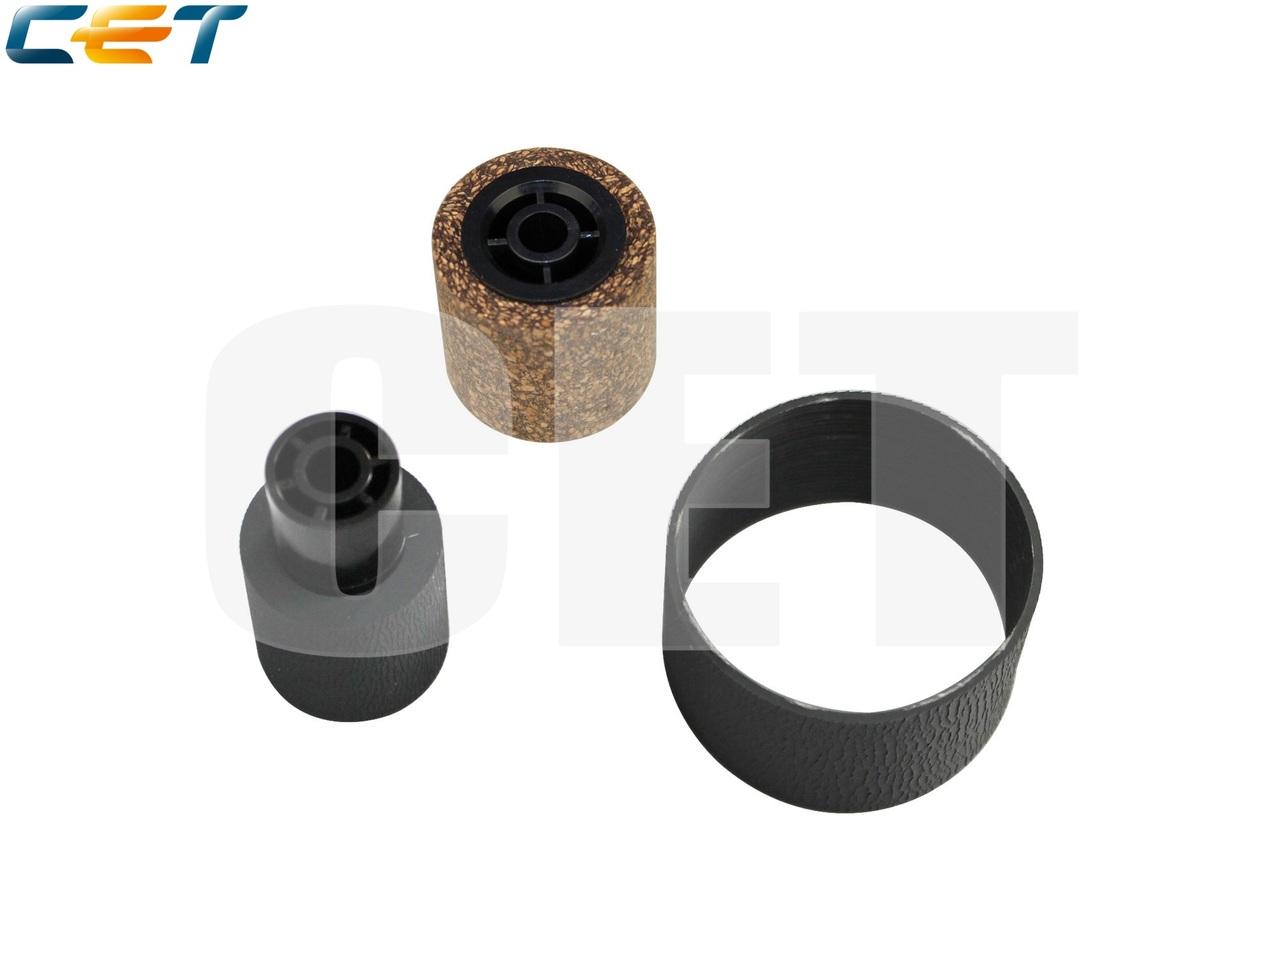 Комплект роликов подхвата ADF A859-2241, B477-2225,A806-1295 для RICOH Aficio MP5500/MP6500/MP7500 (CET),CET6676